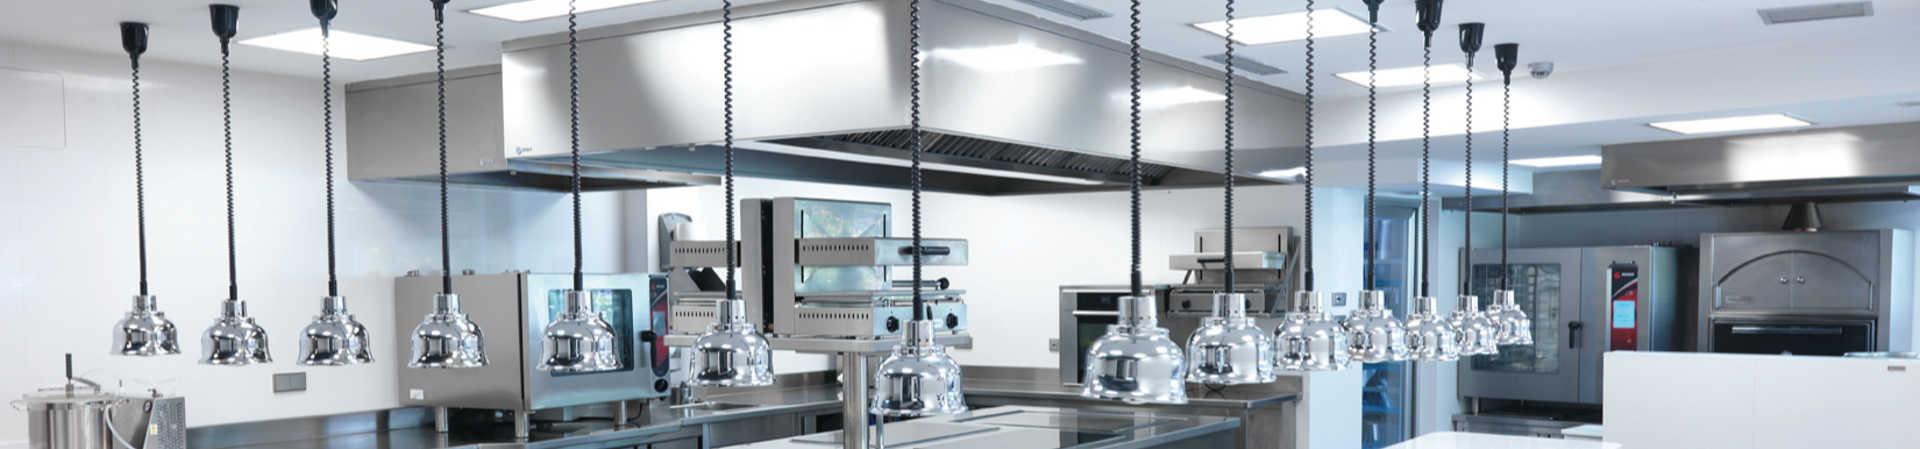 Limpieza De Cocinas | Limpieza Cocinas Industriales Precios Cronoshare